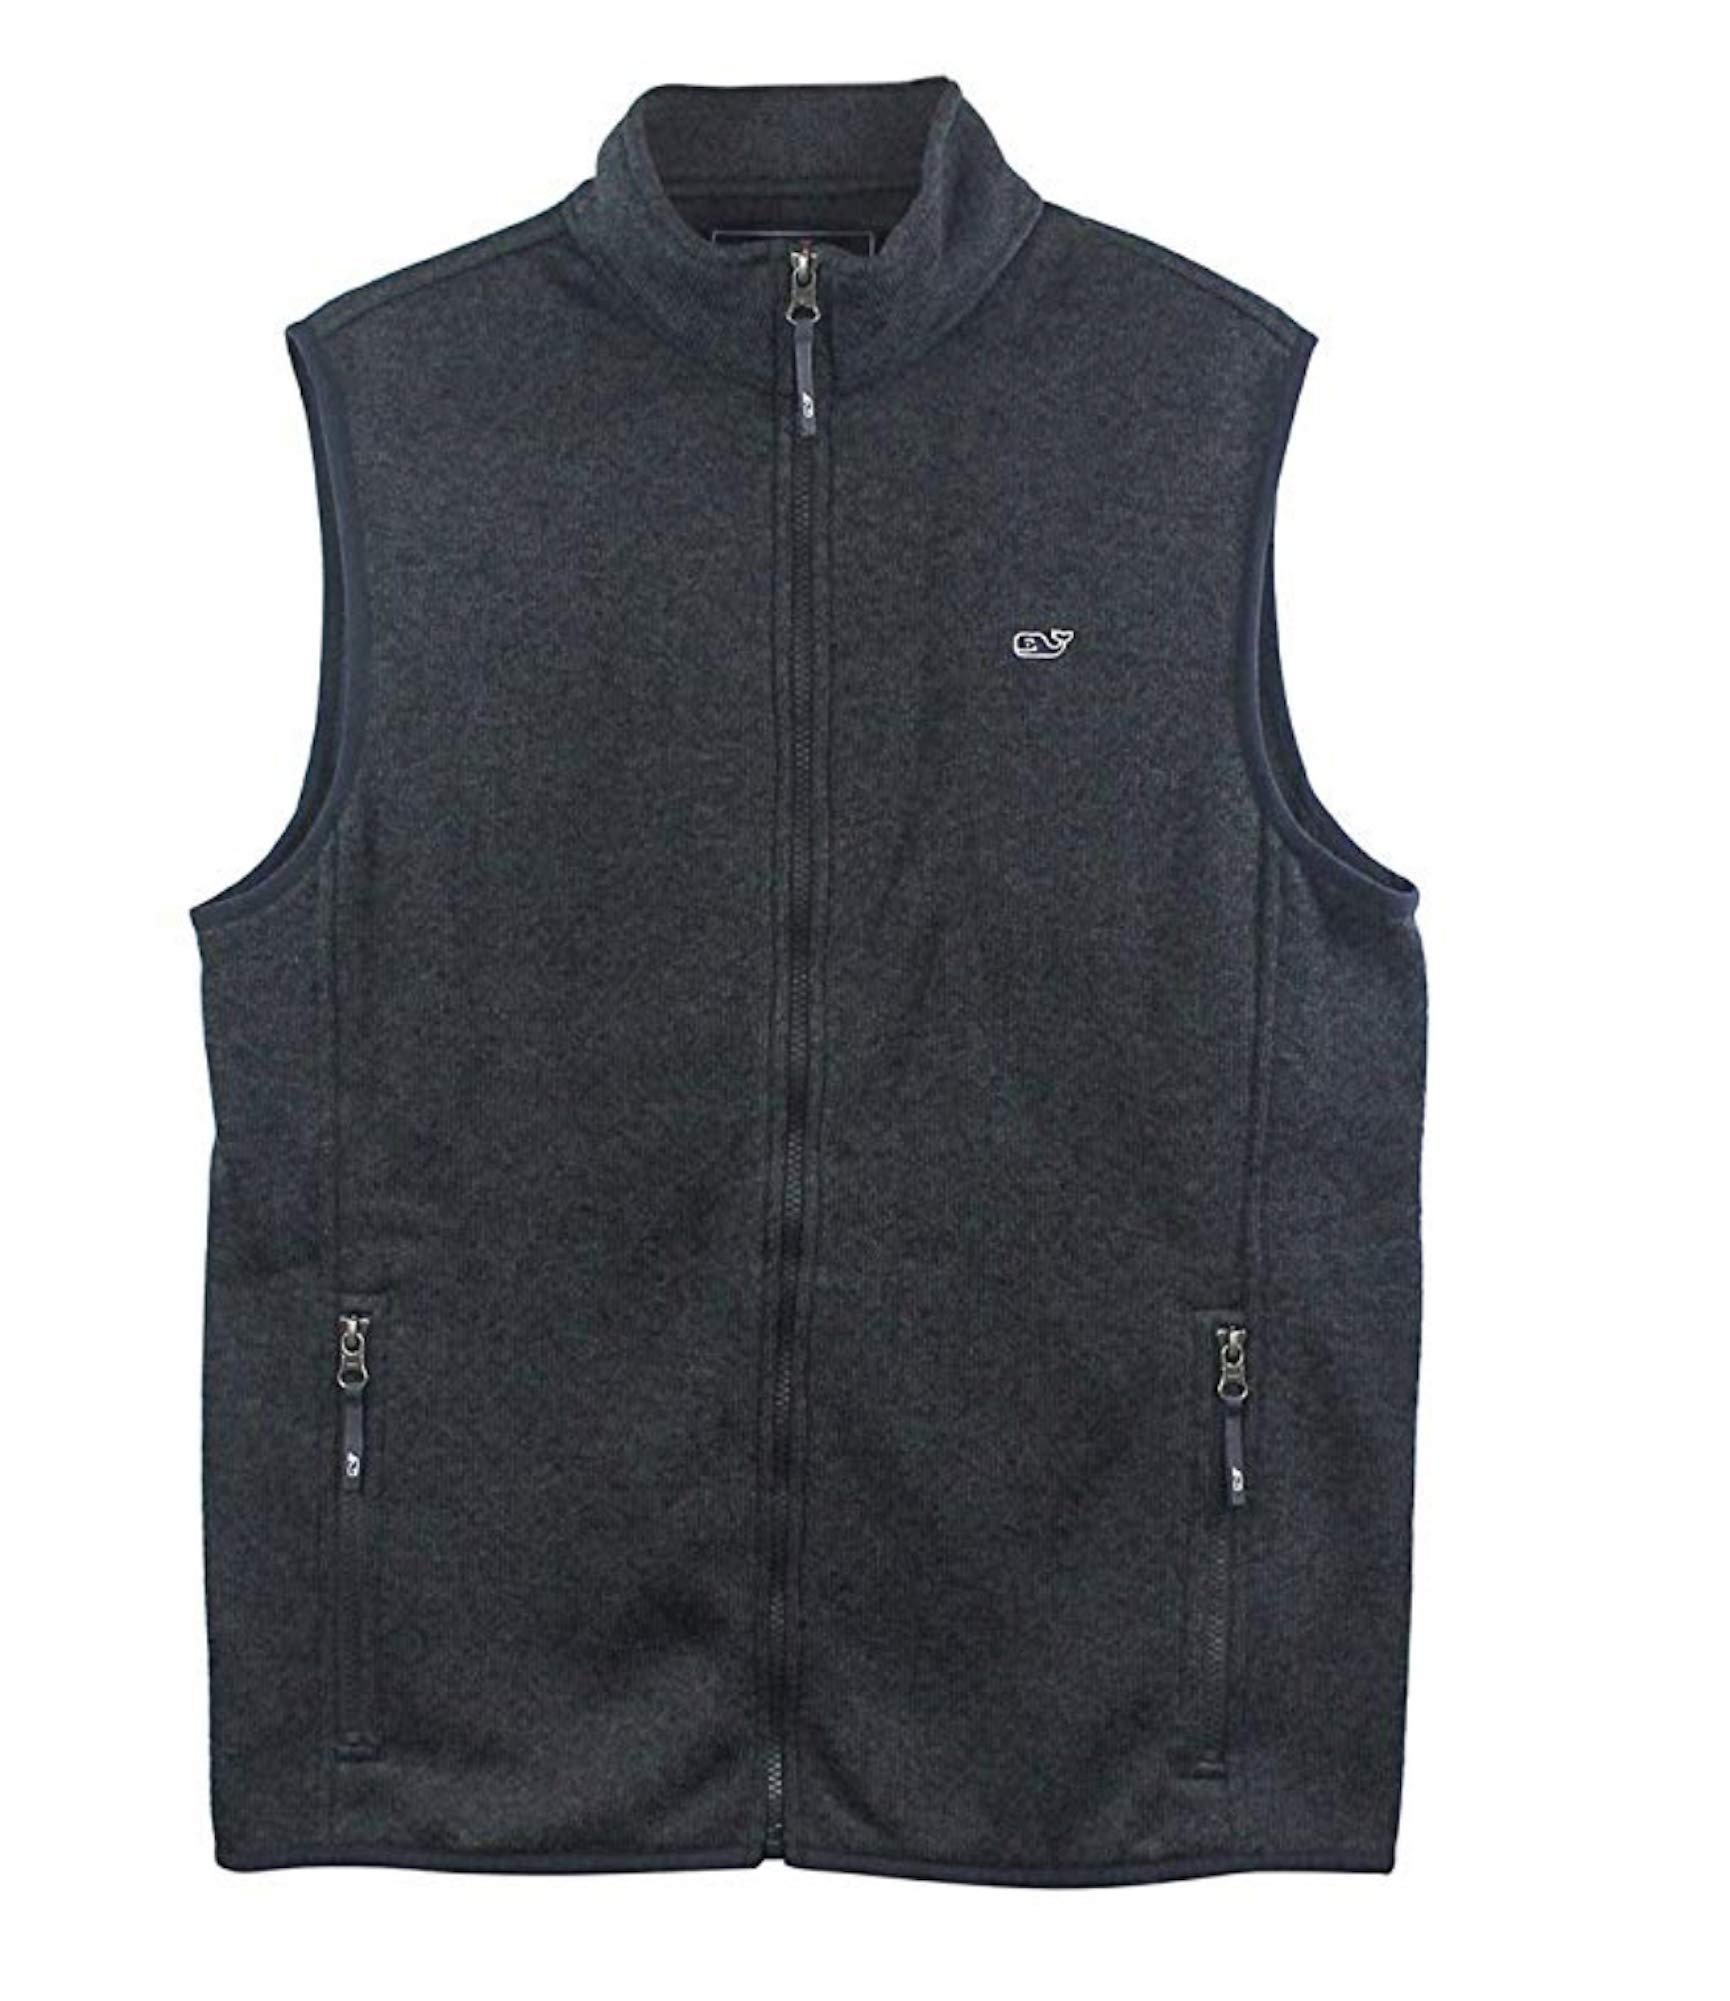 Vineyard Vines Men's Graphite SweaterFle Vest (Large) by Vineyard Vines